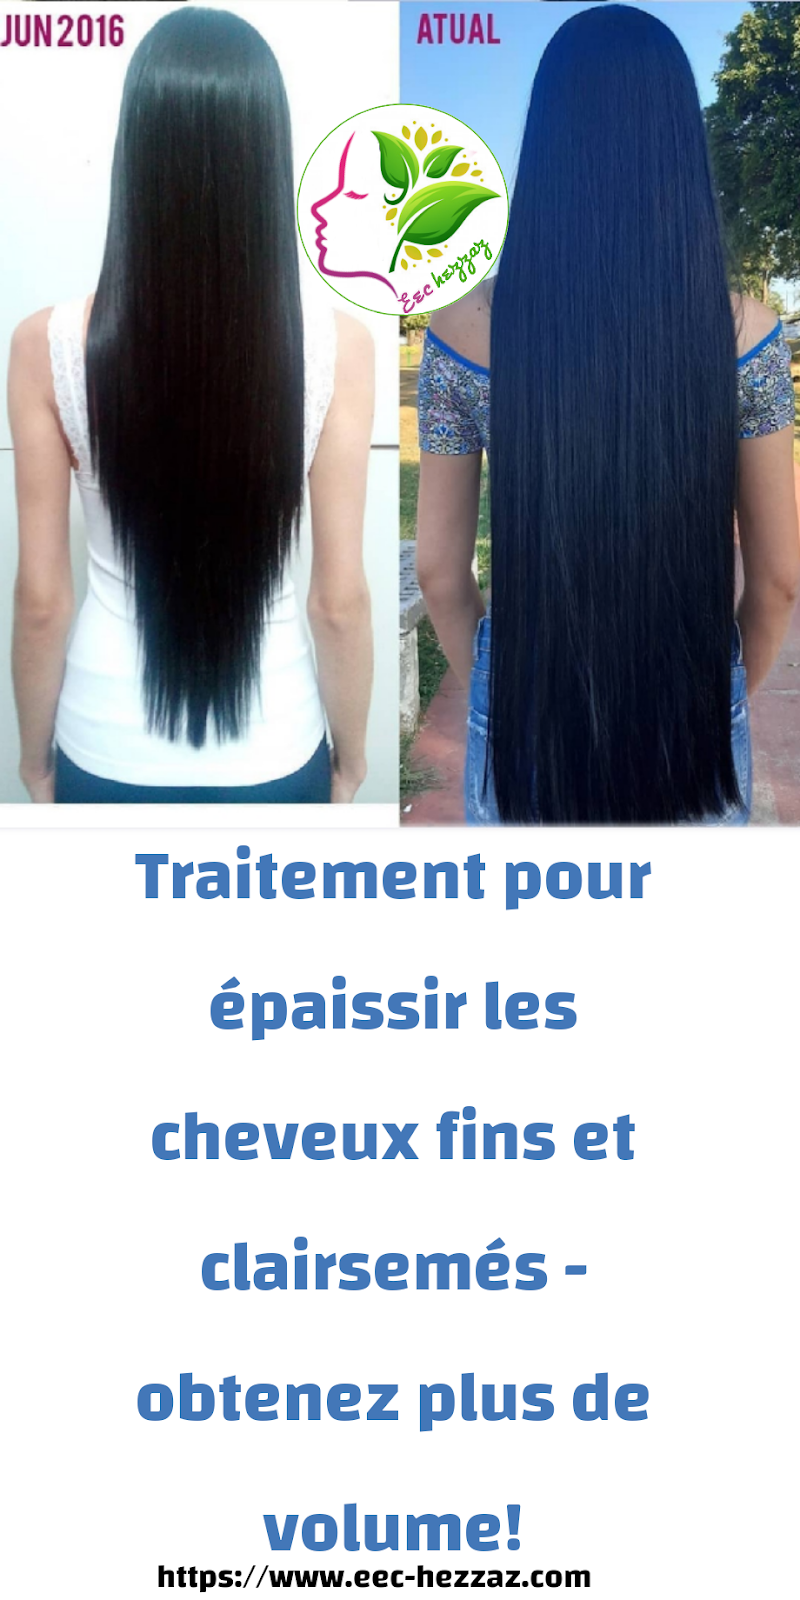 Traitement pour épaissir les cheveux fins et clairsemés - obtenez plus de volume!